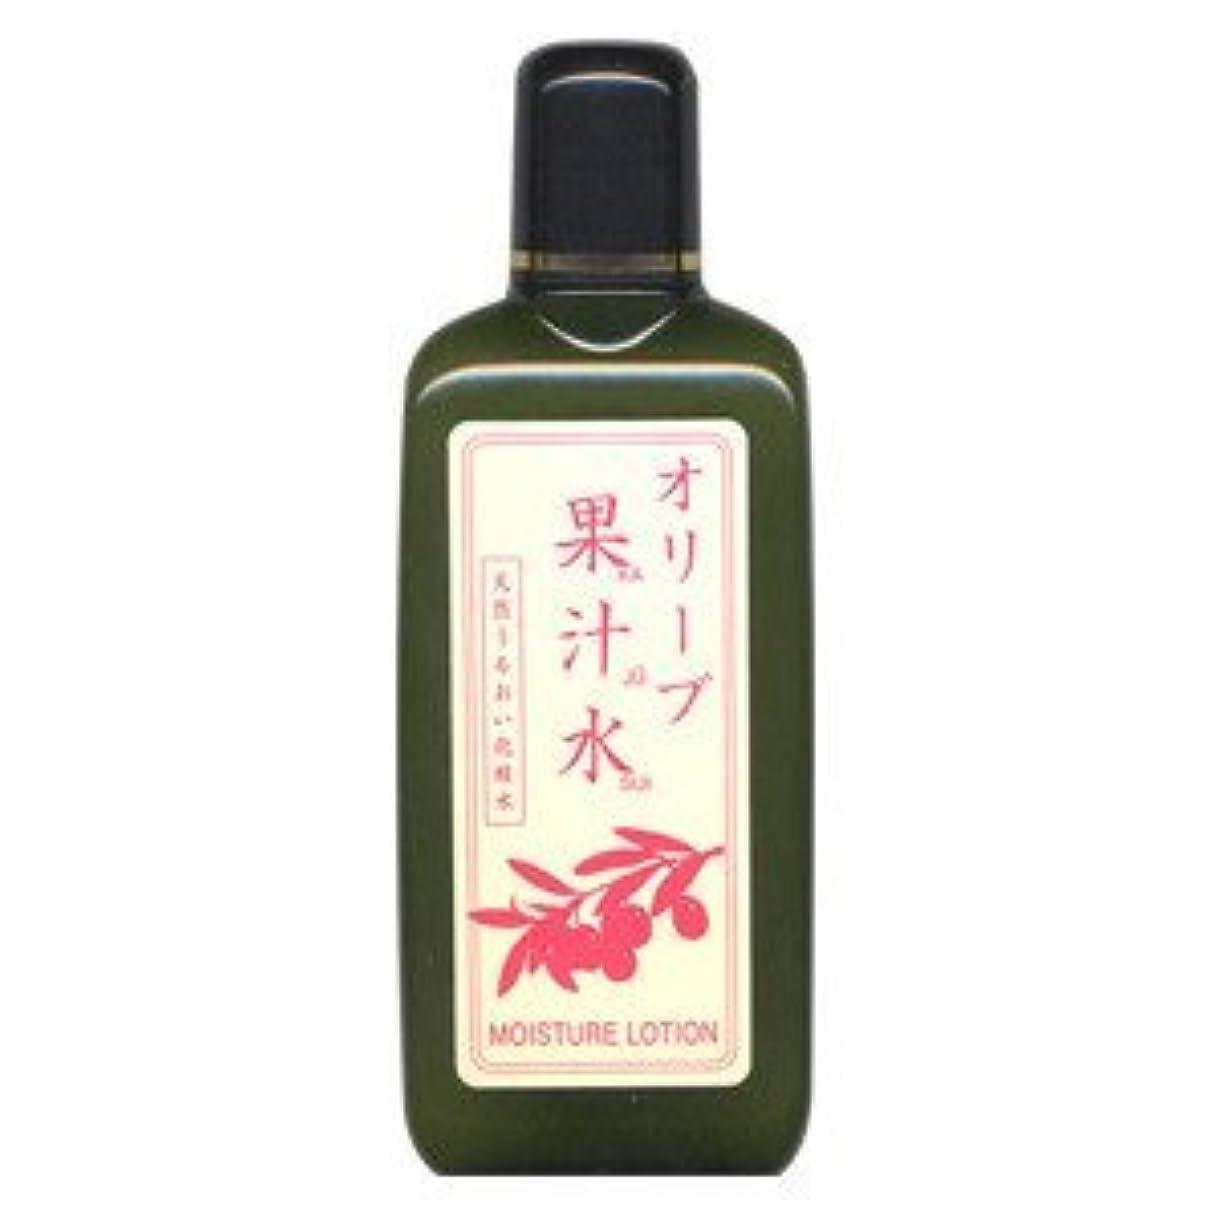 失効大通りエスニック日本オリーブオリーブマノン グリーンローション 180ml